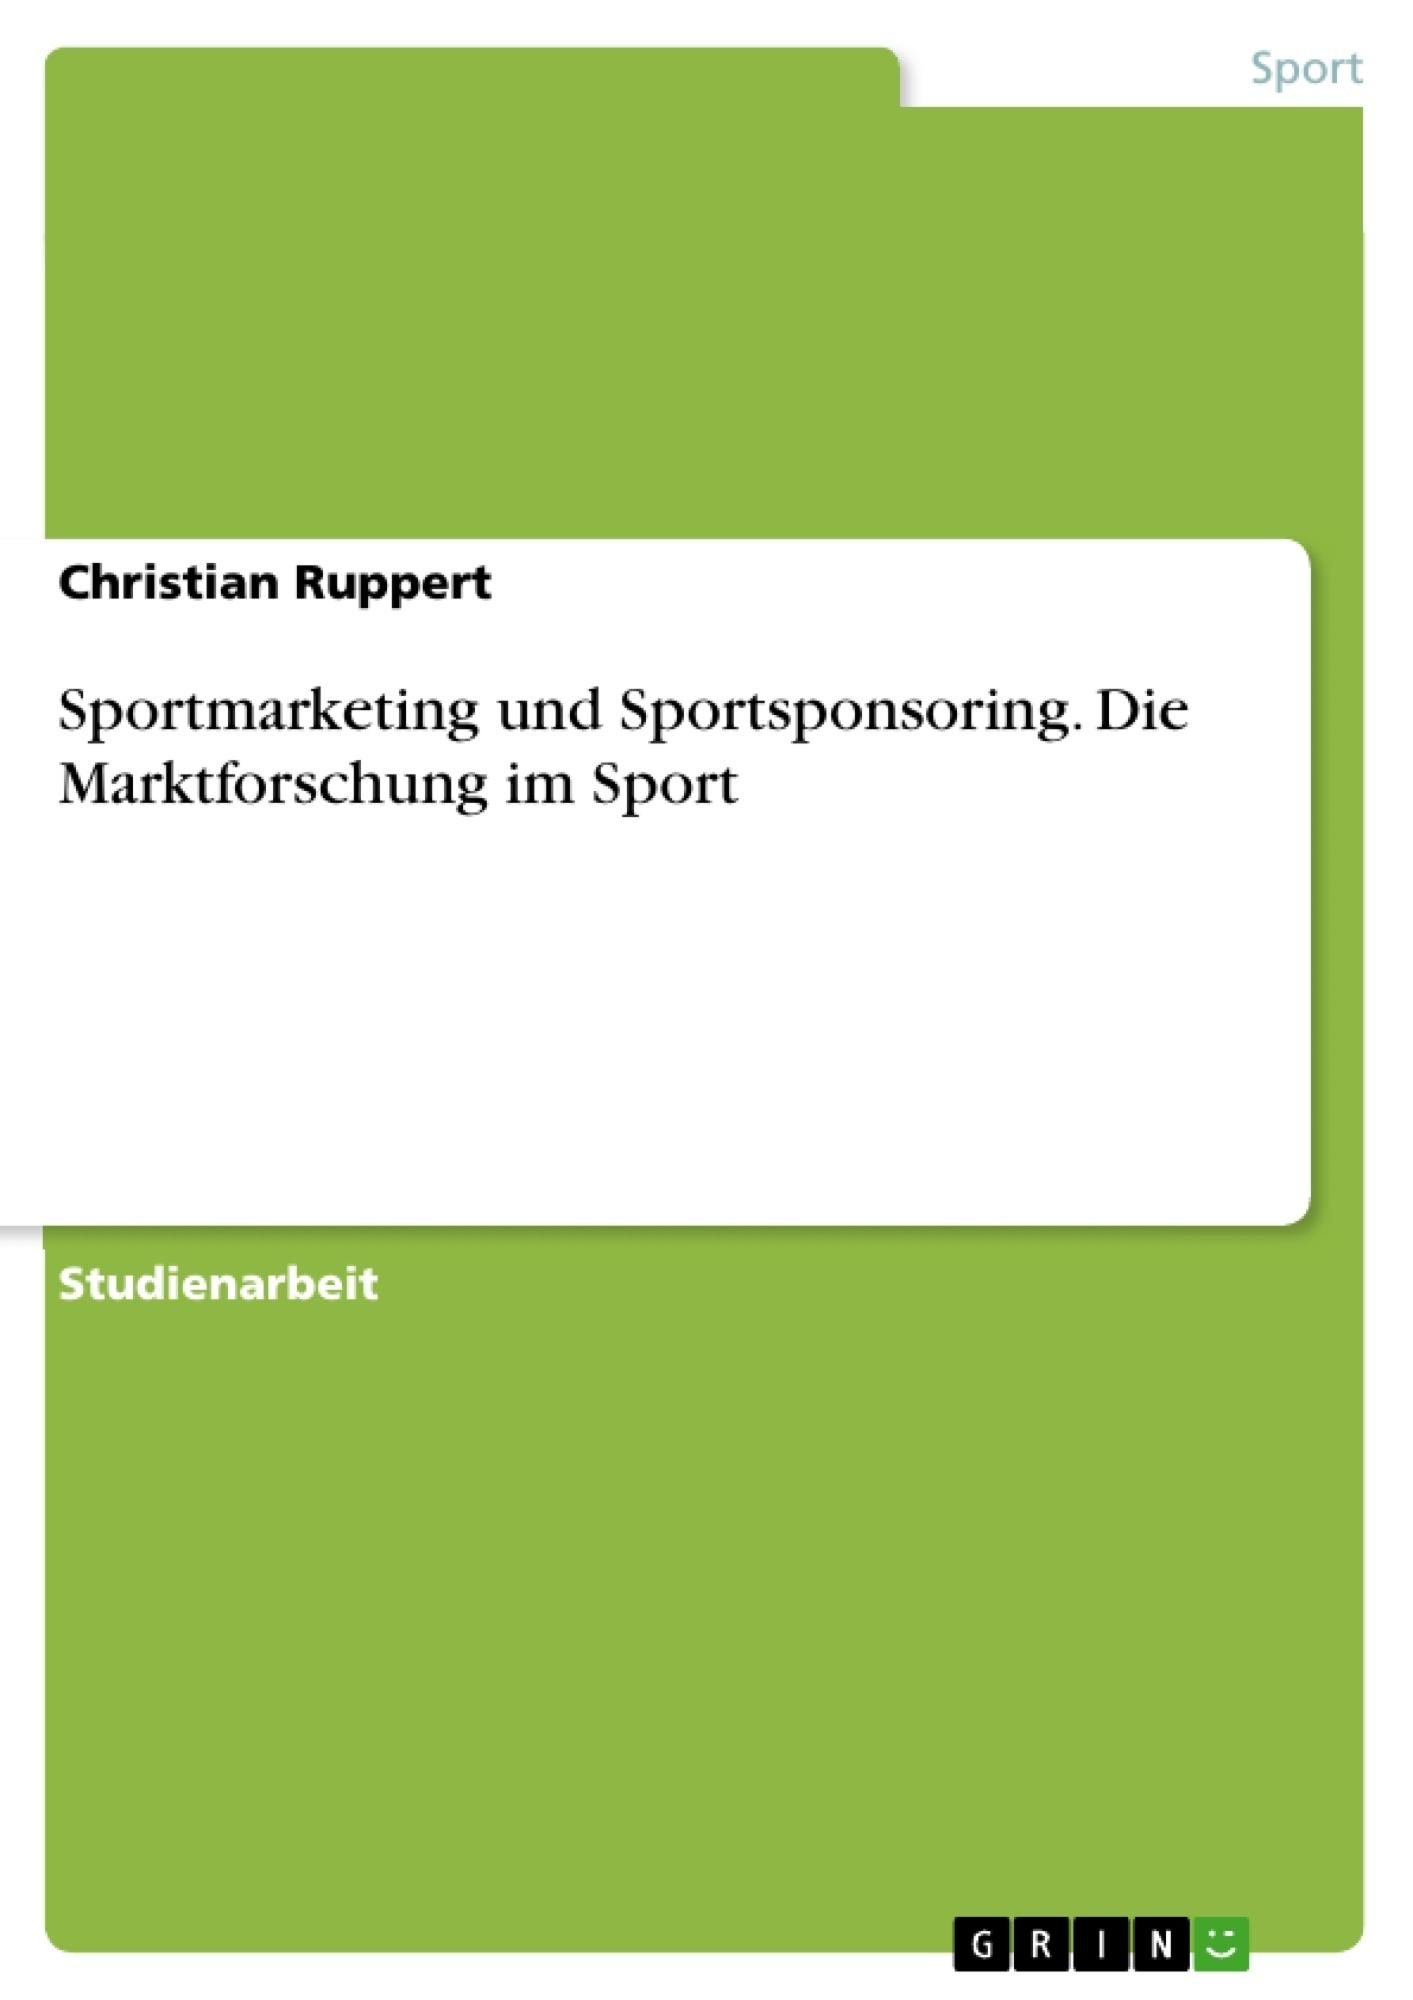 Titel: Sportmarketing und Sportsponsoring. Die Marktforschung im Sport